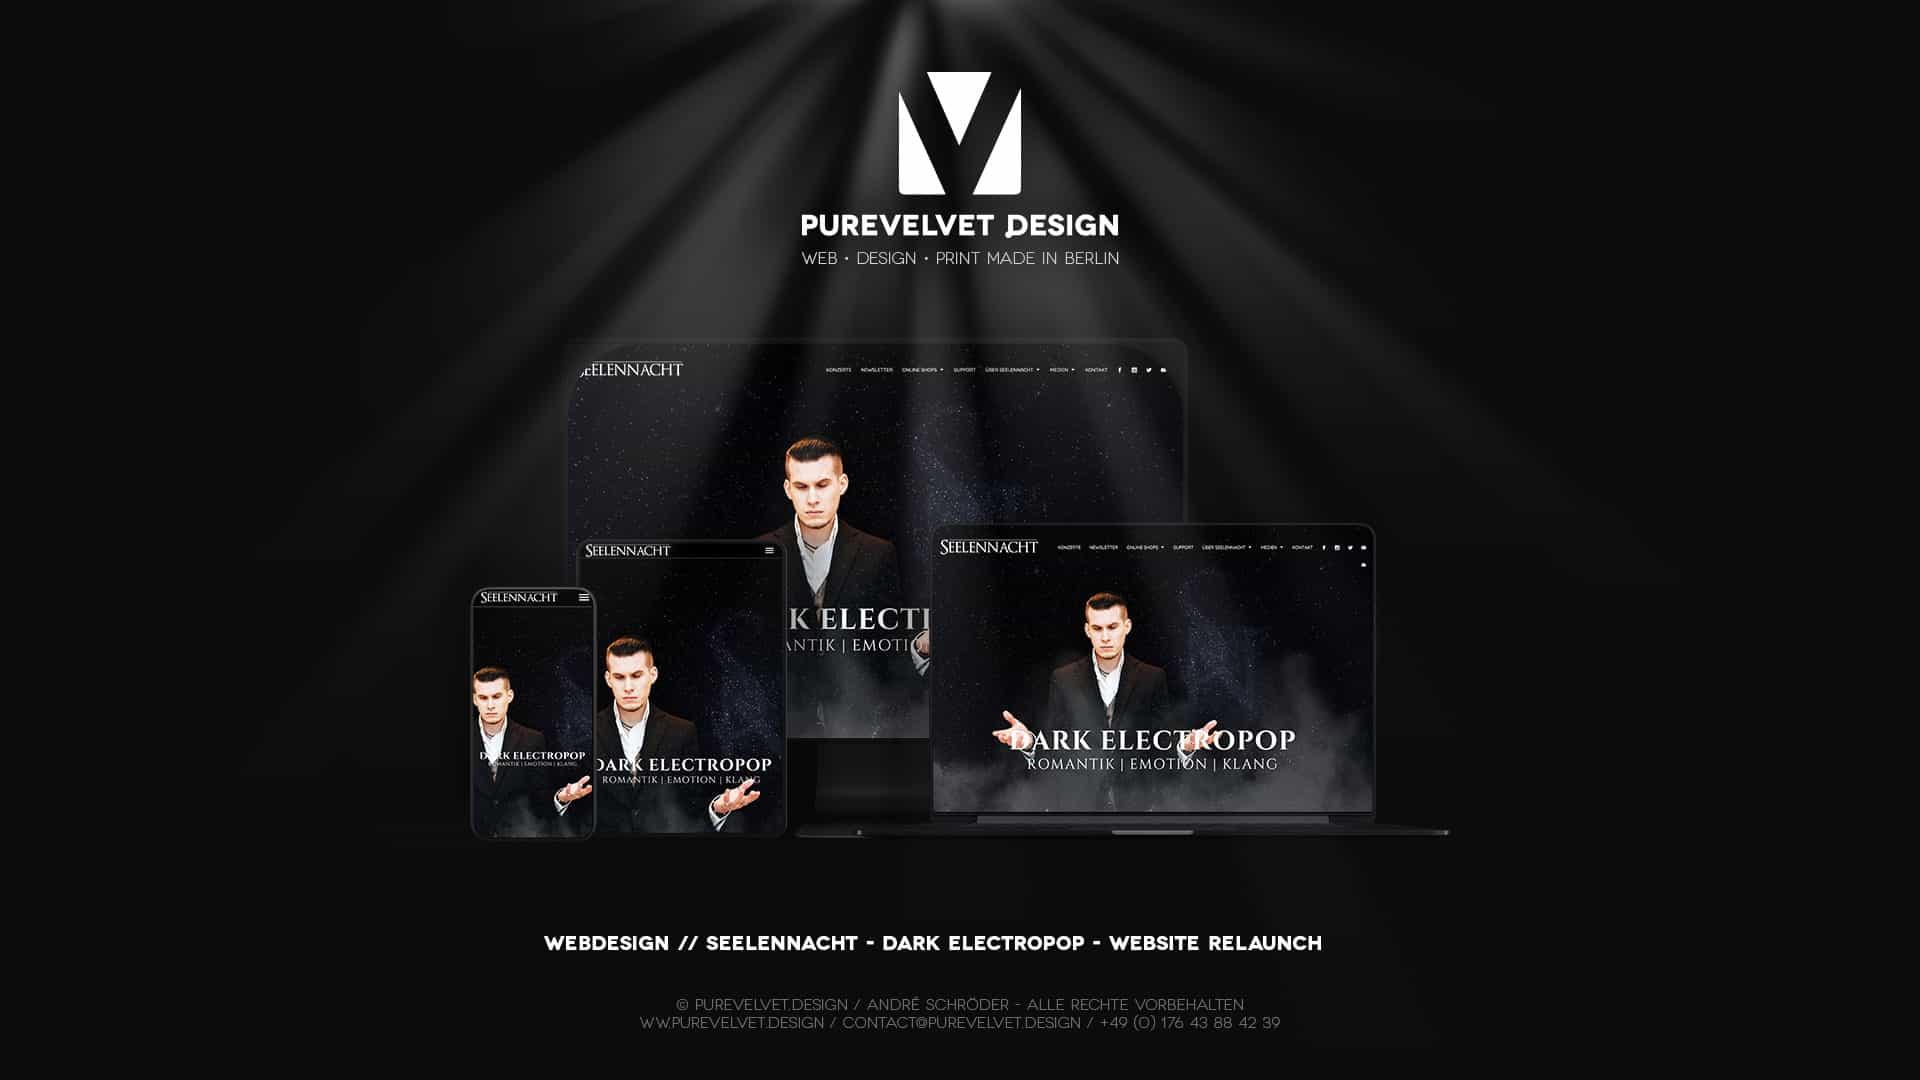 Webdesign Referenz - Seelennacht - Dark Electropop